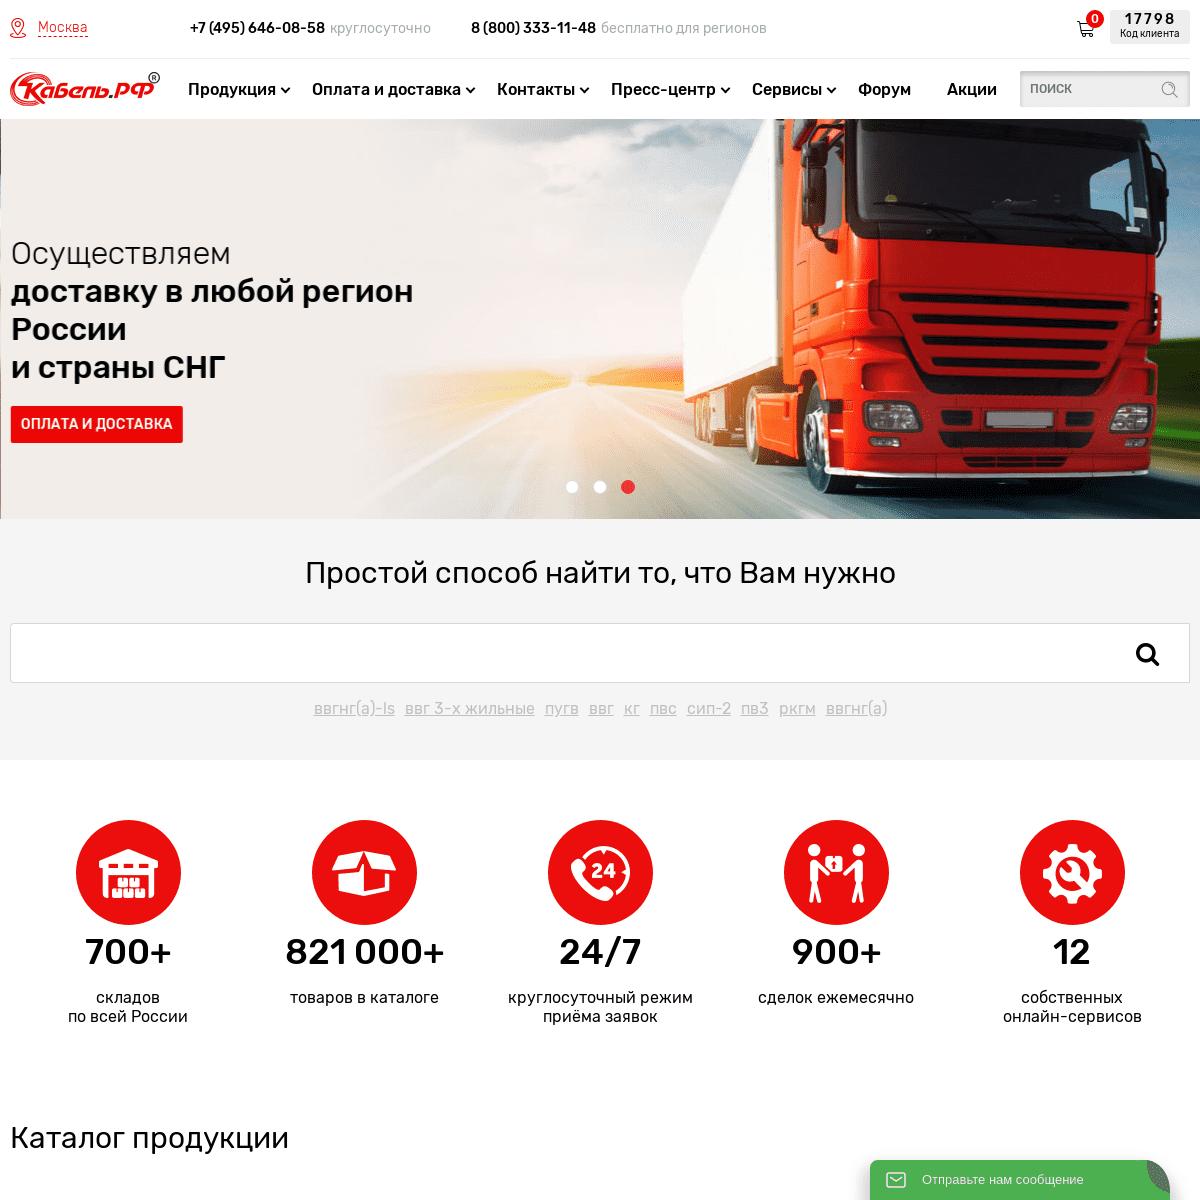 Купить кабели, провода в Москве недорого - продажа кабеля, стоимость, ц